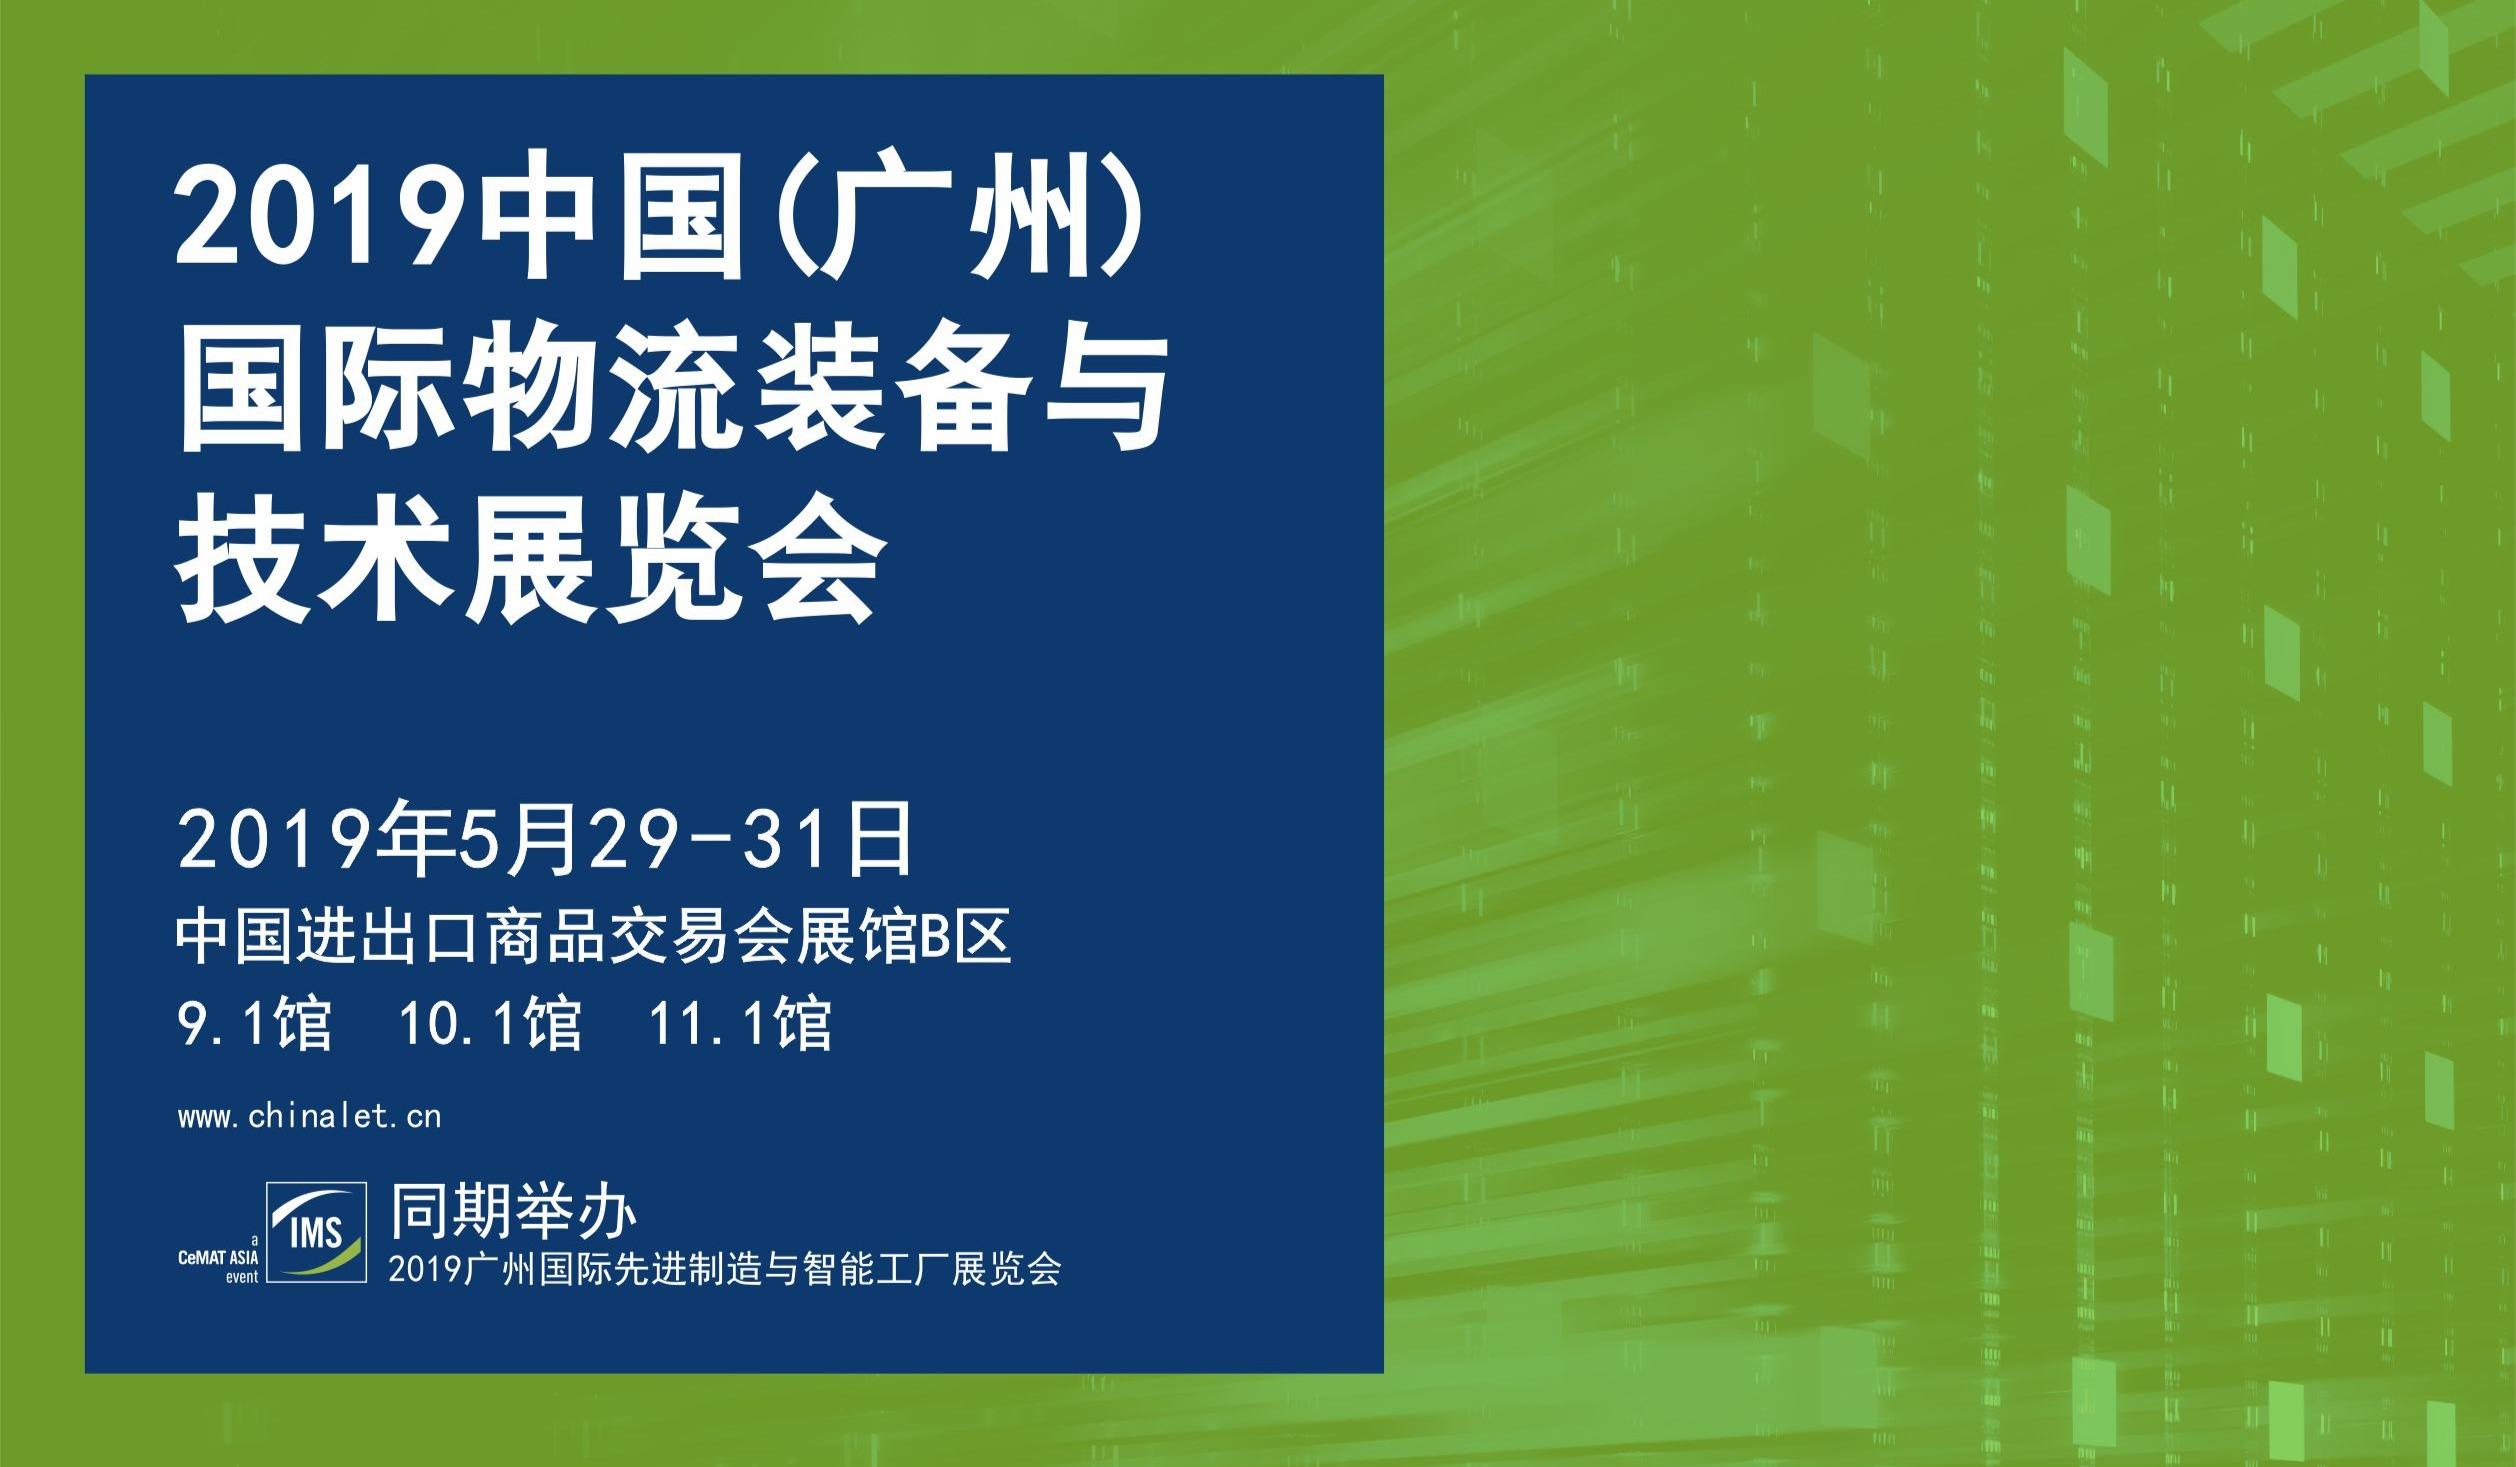 互动吧-2019第10届中国(广州)国际物流装备与?#38469;?#23637;览会